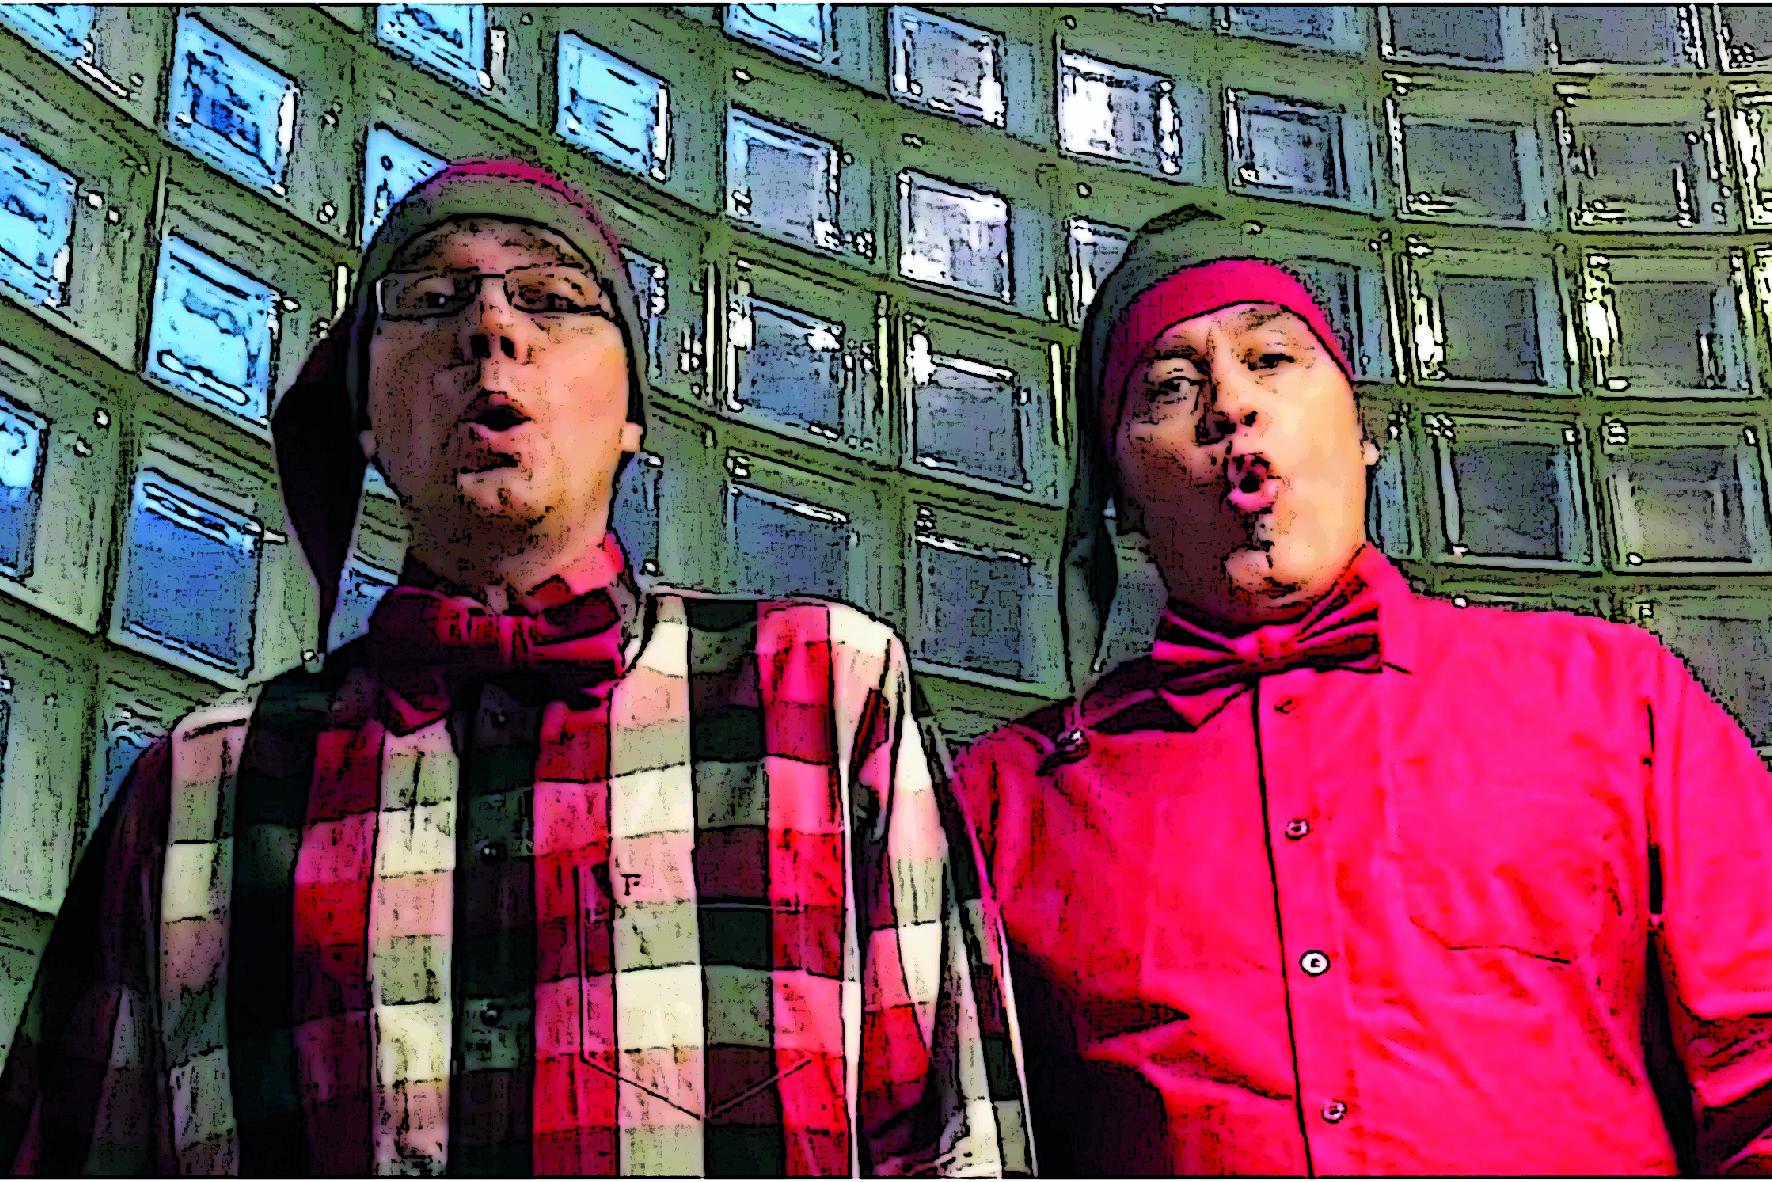 duo joulukuva poster-01.jpg